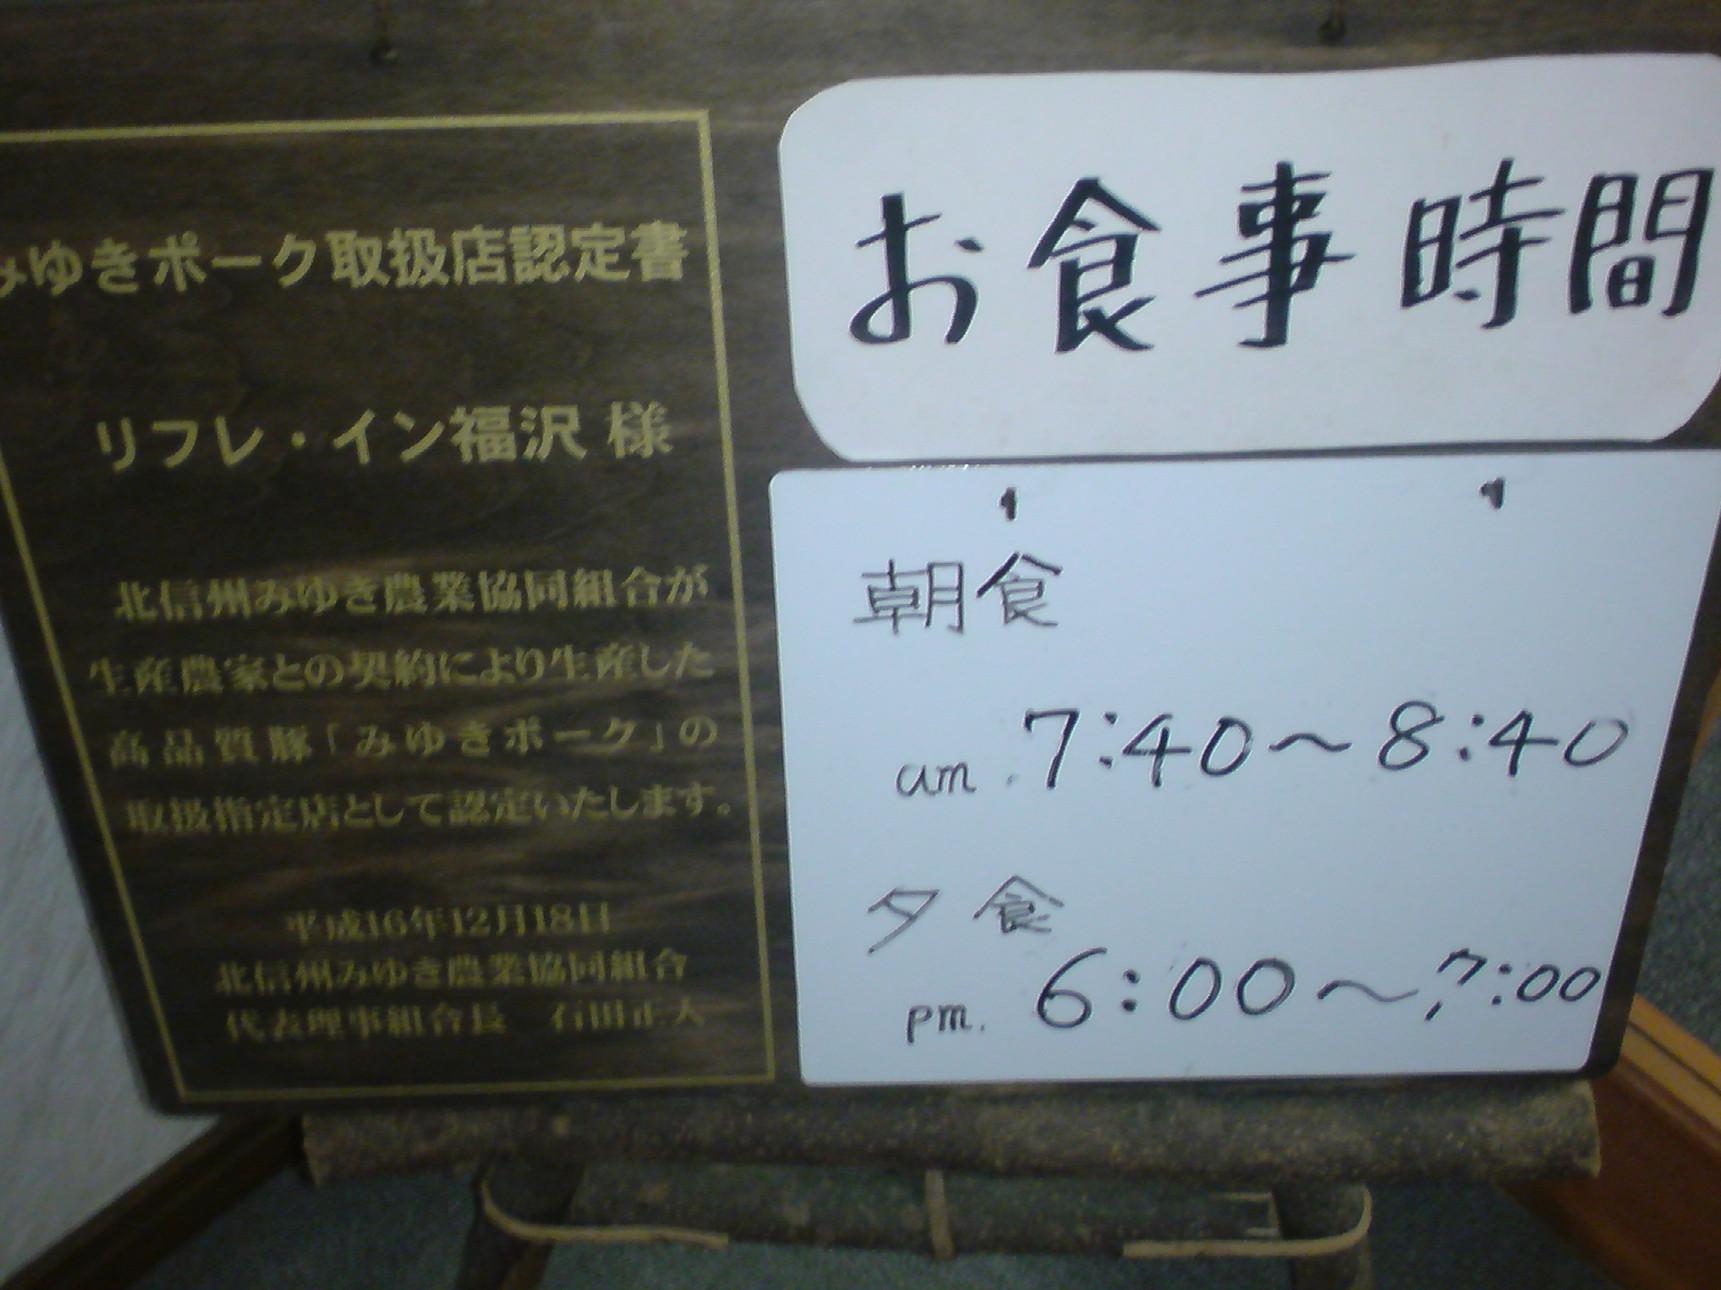 リフレ・イン福沢 name=